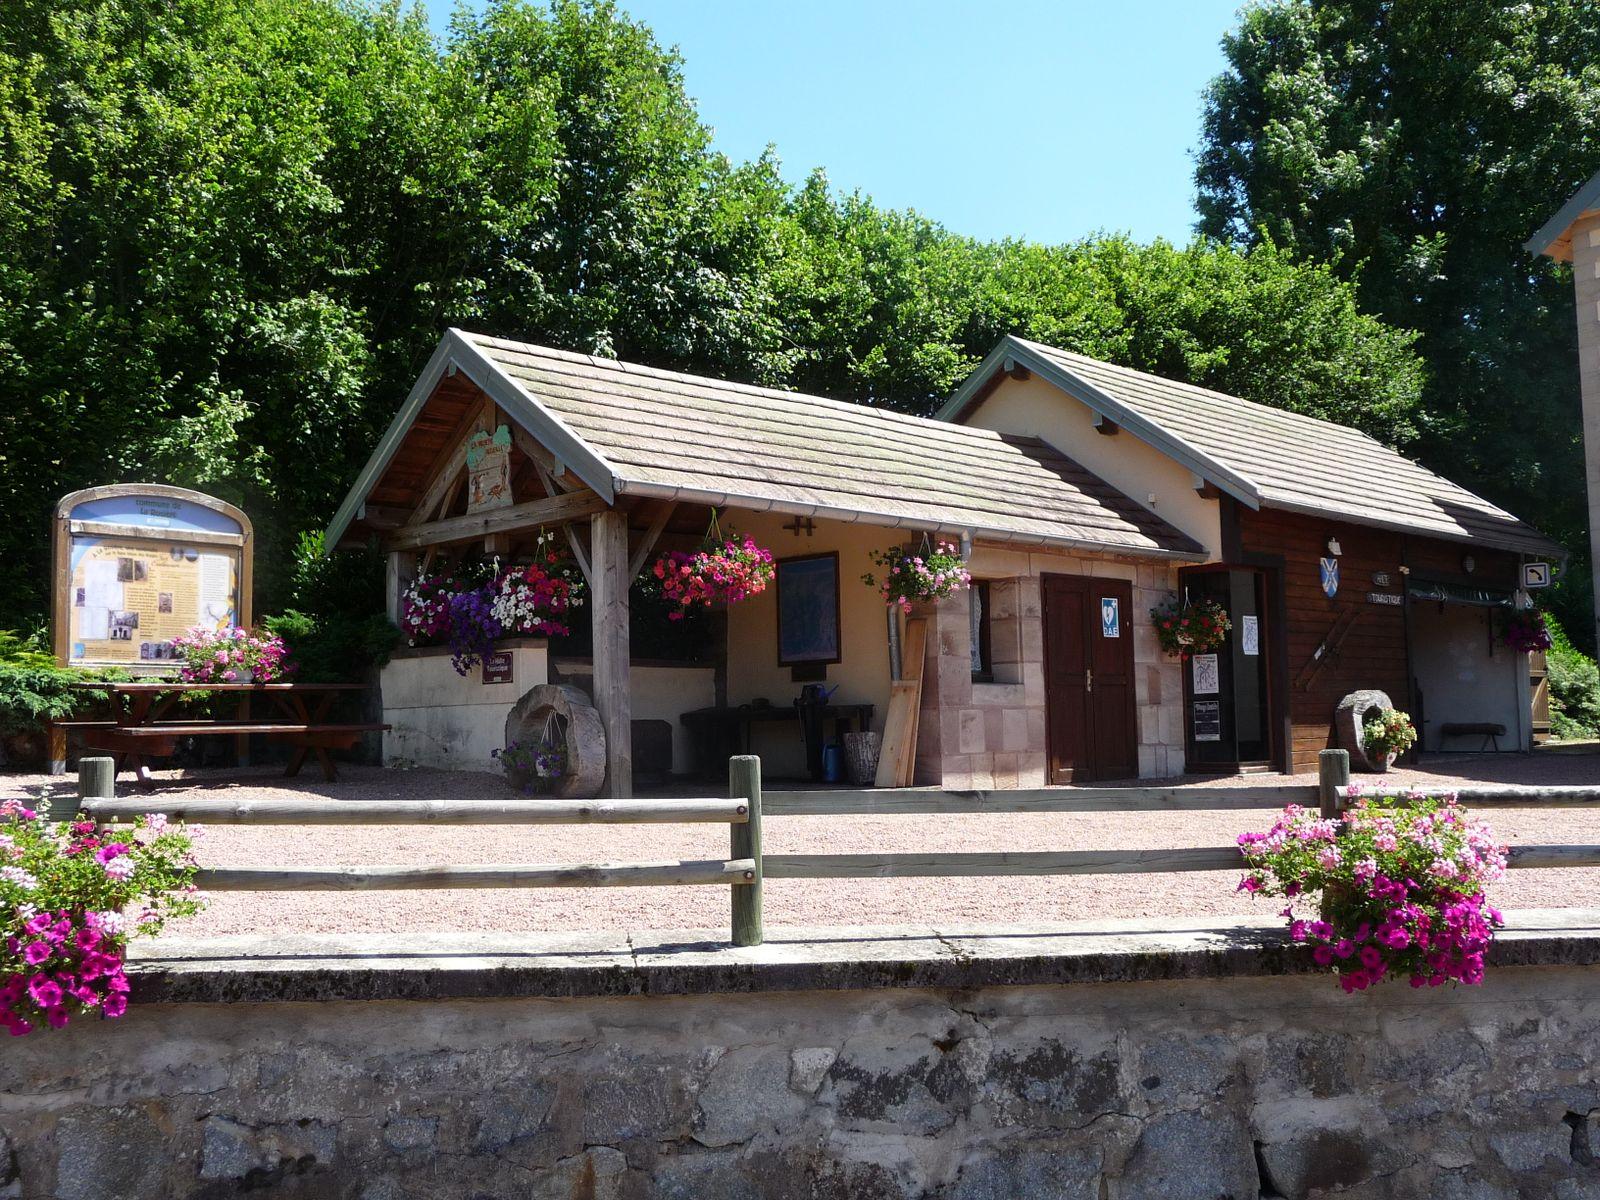 La halte touristique de la Rosière (départ de la randonnée circuit de La Rosière)